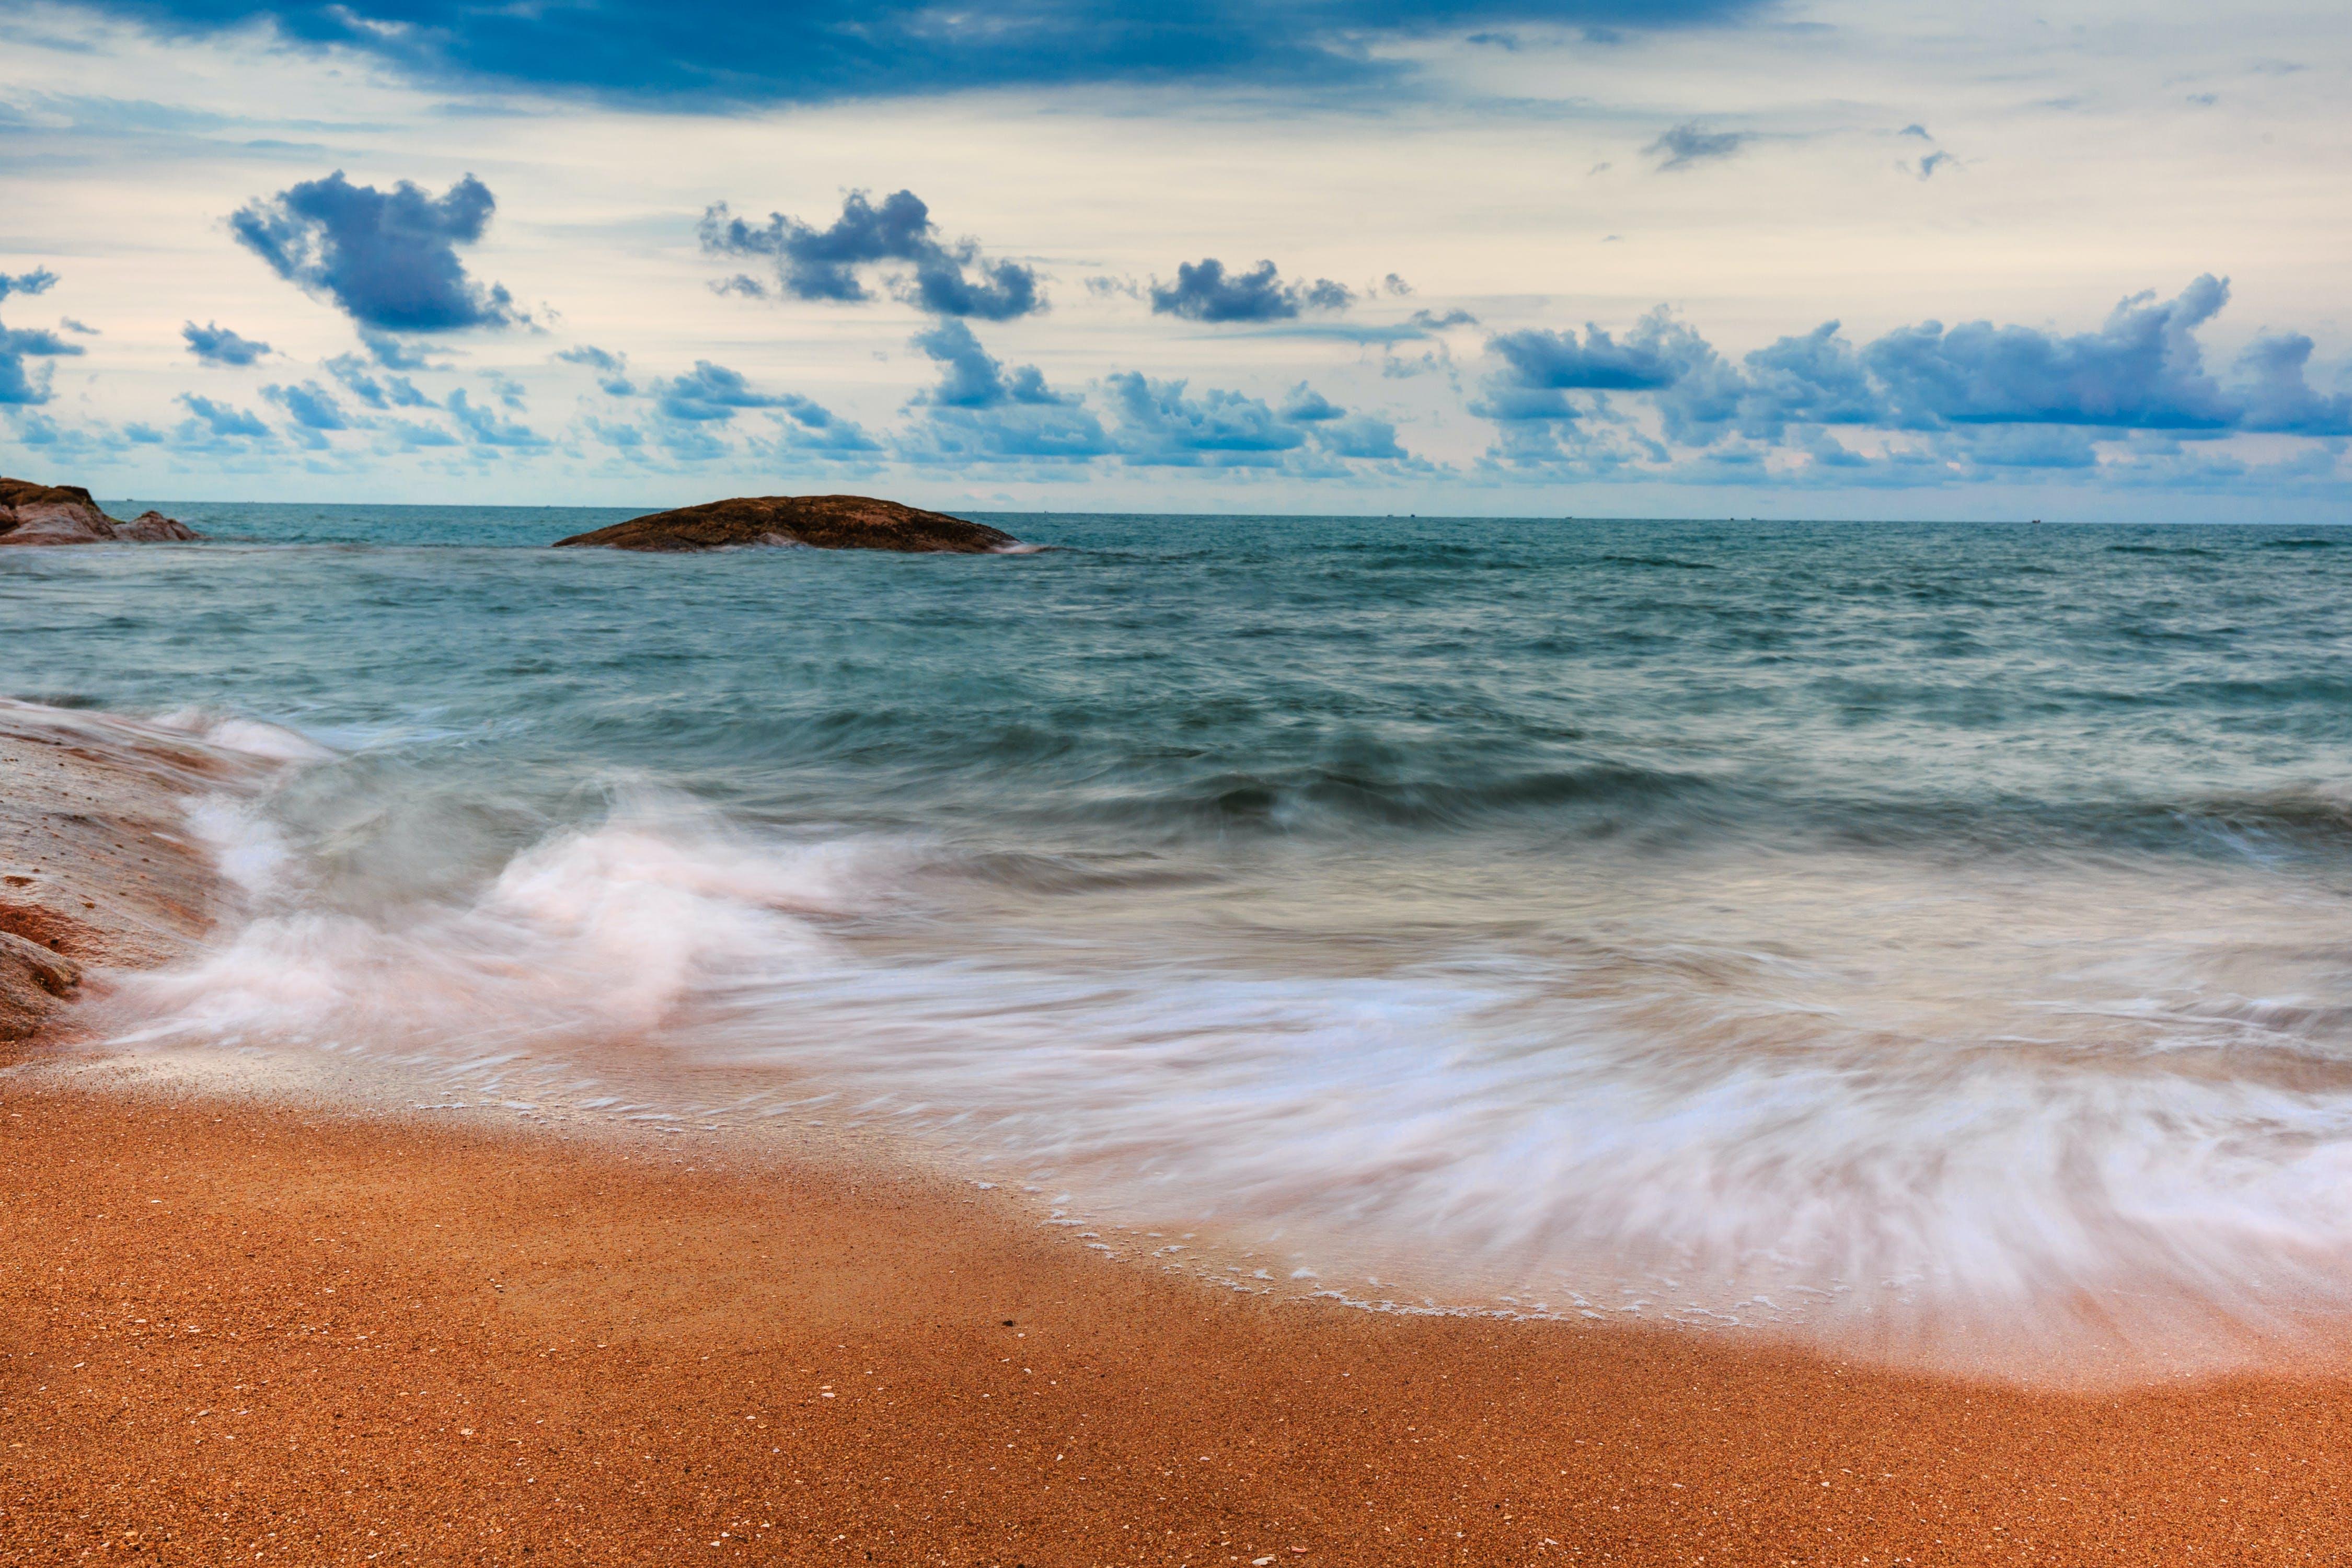 Shoreline and Ocean Waves